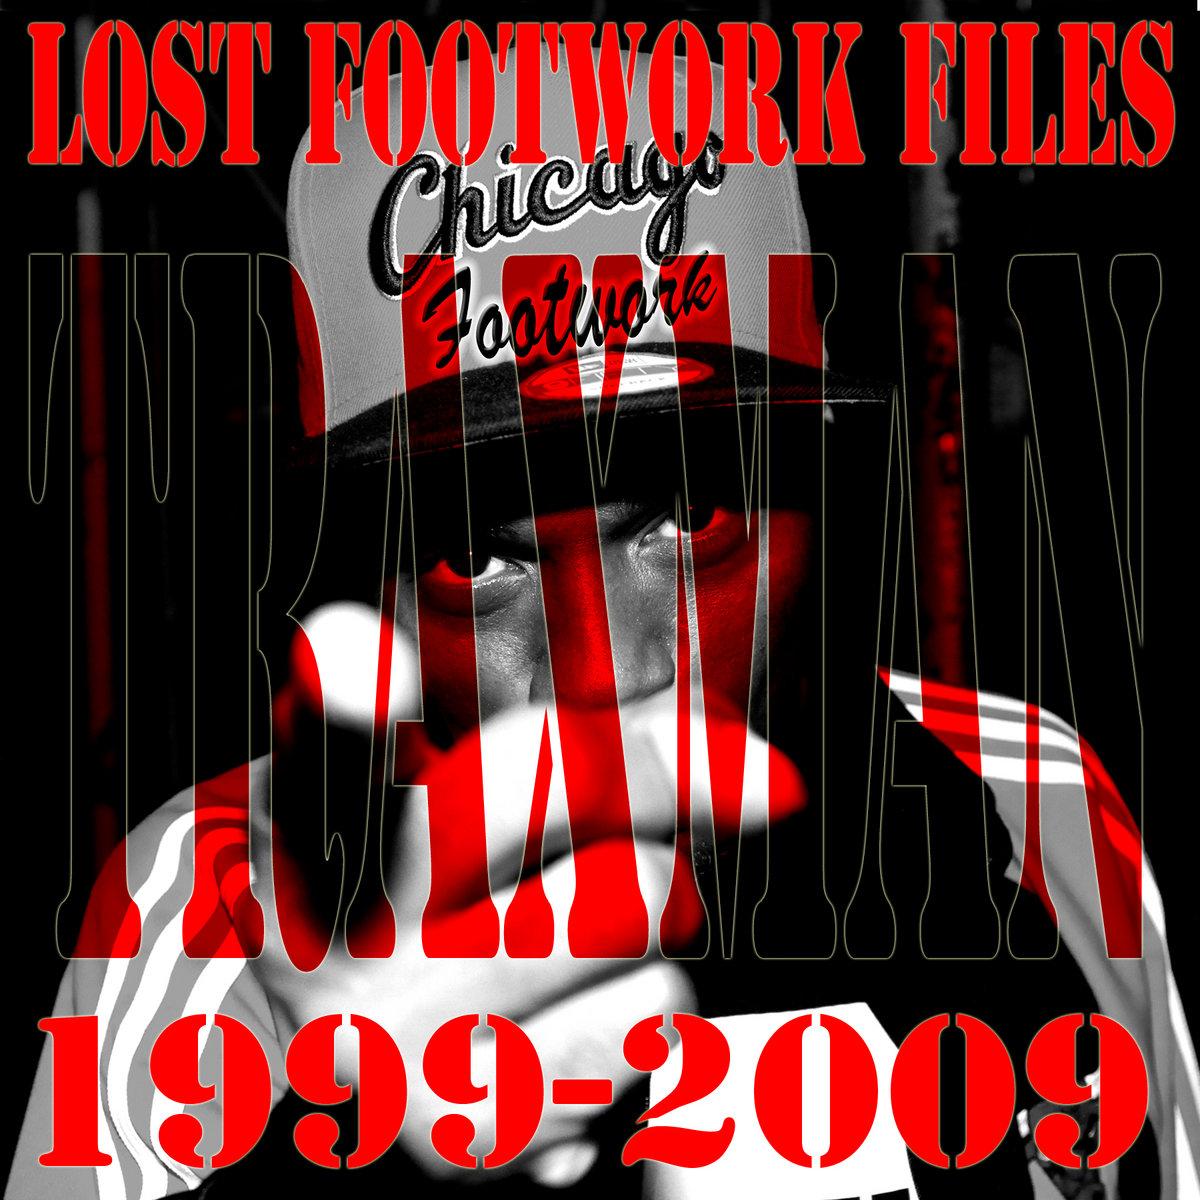 Lost Footwork Files 1999-2009 | G E T O  DJz, Inc